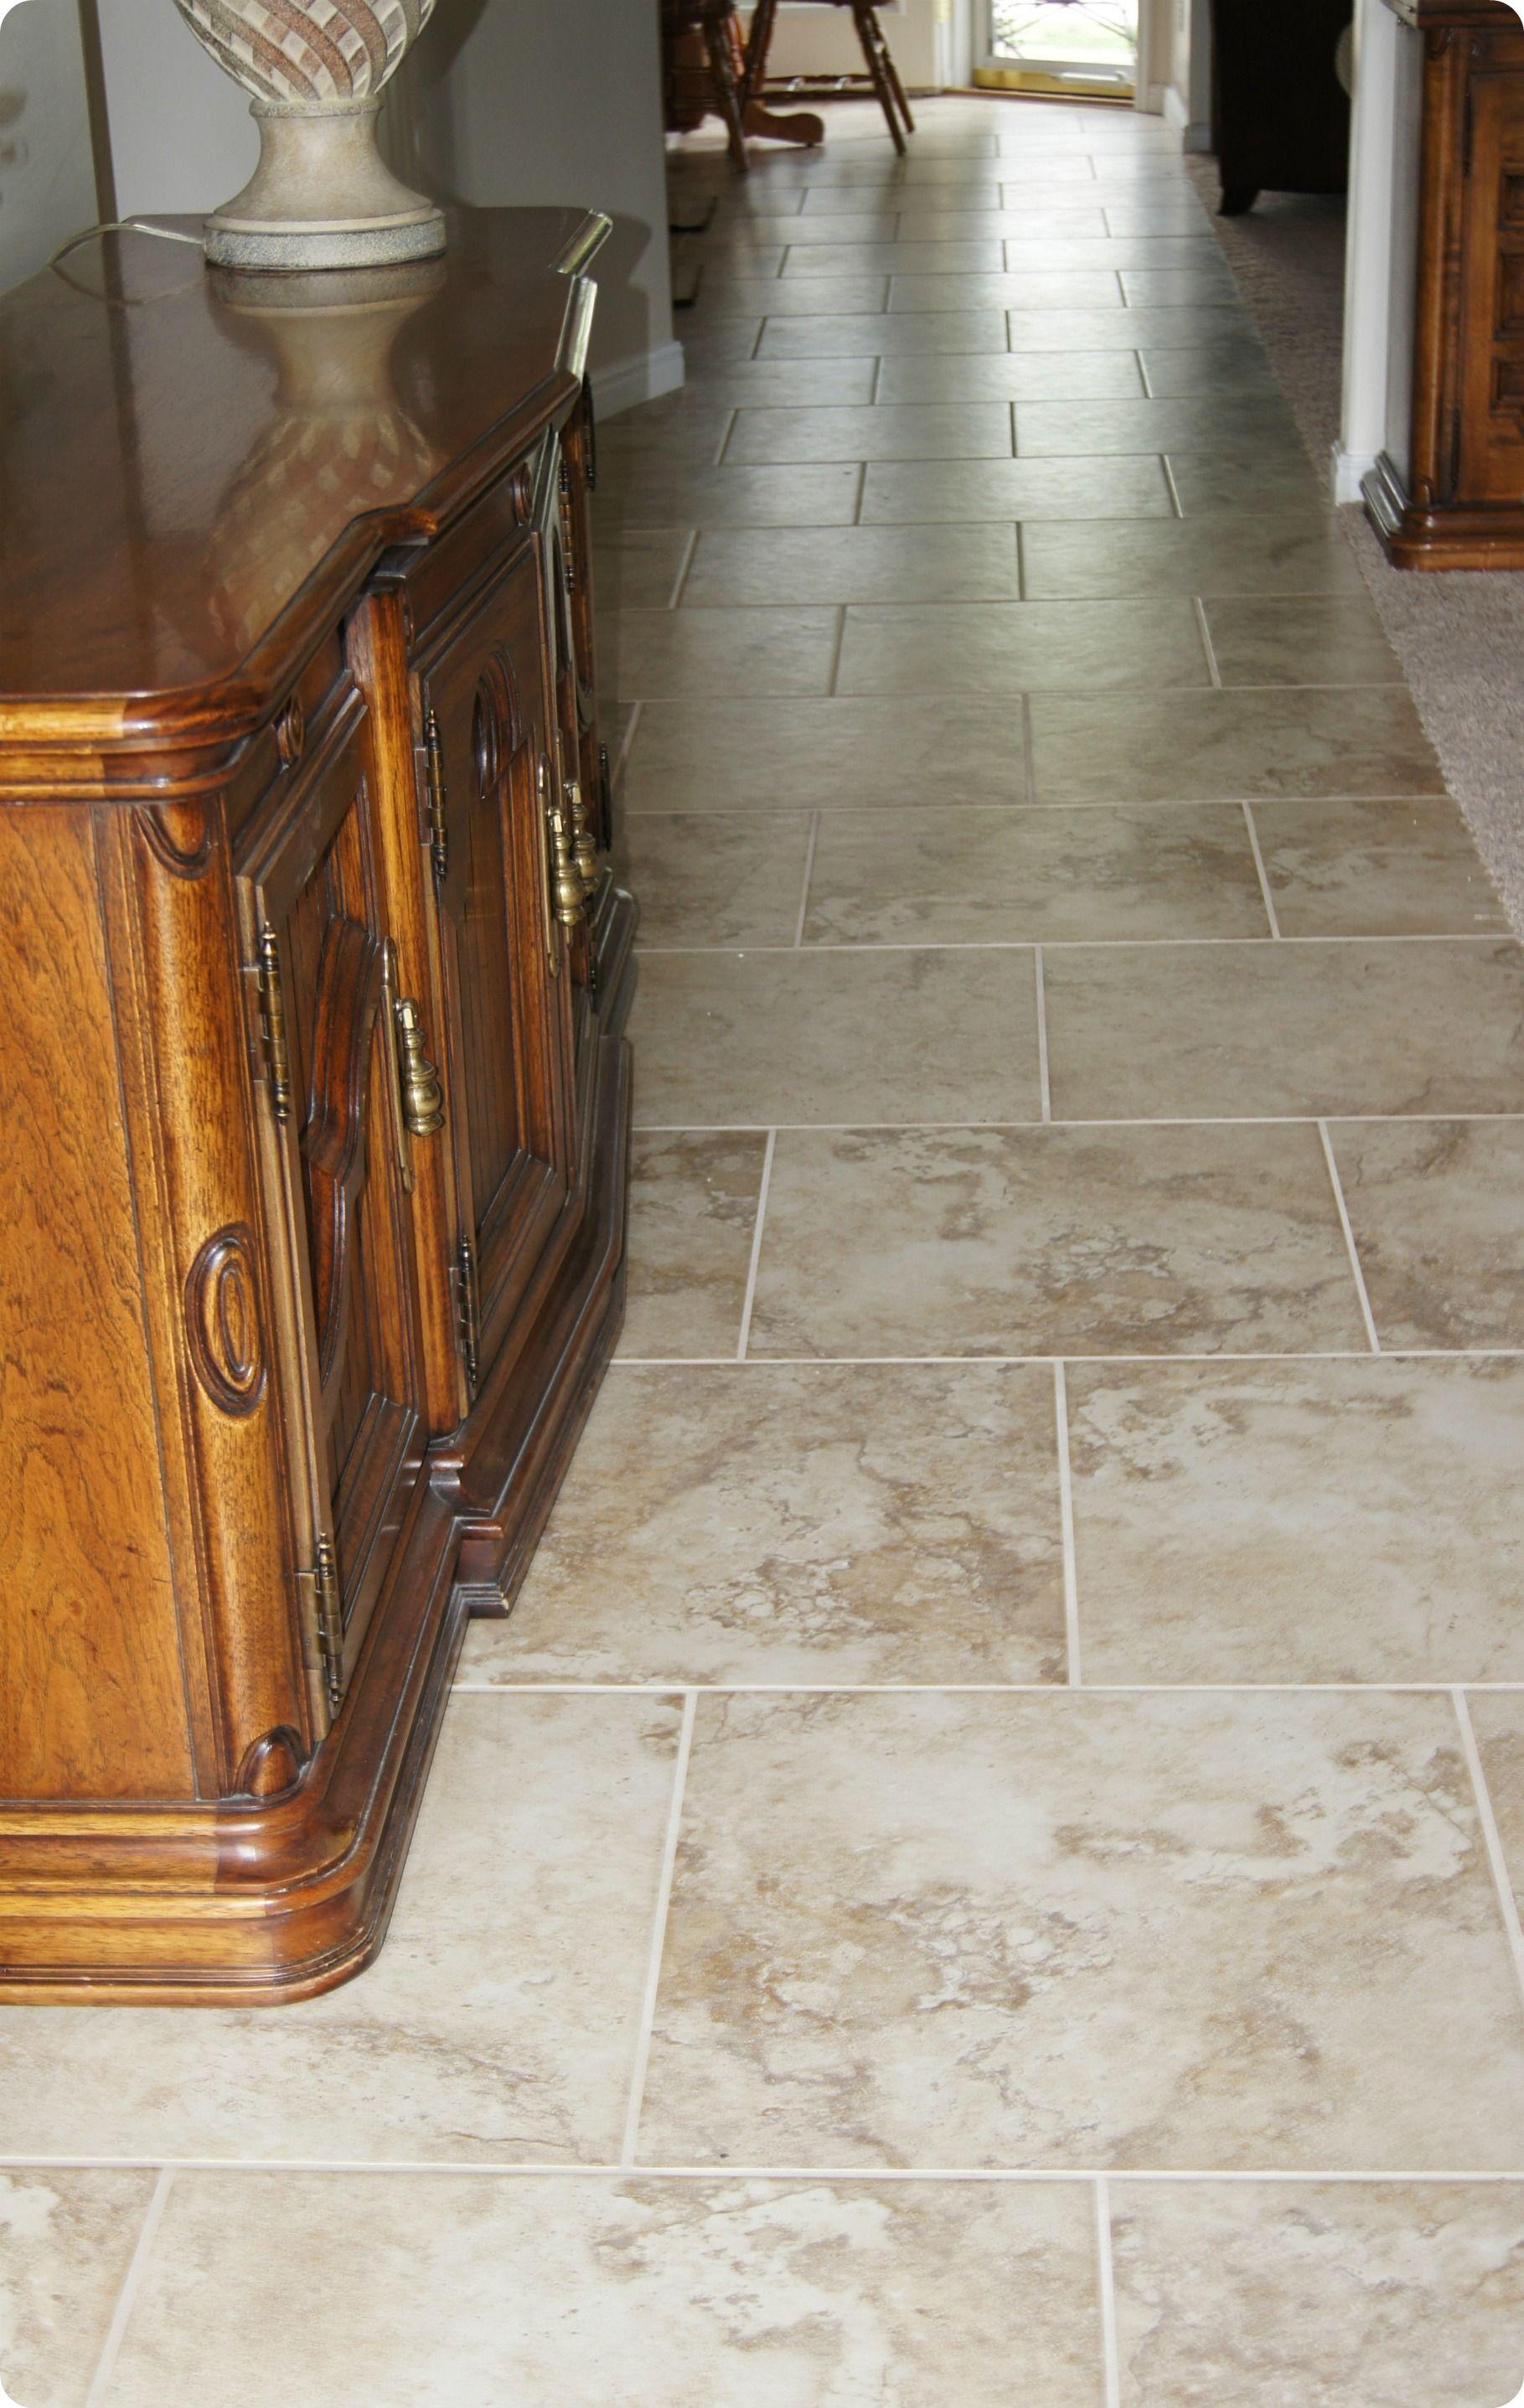 kitchen flooring ideas flooring ideas white porcelain kitchen kitchen tile floor designs - Kitchen Floor Design Ideas